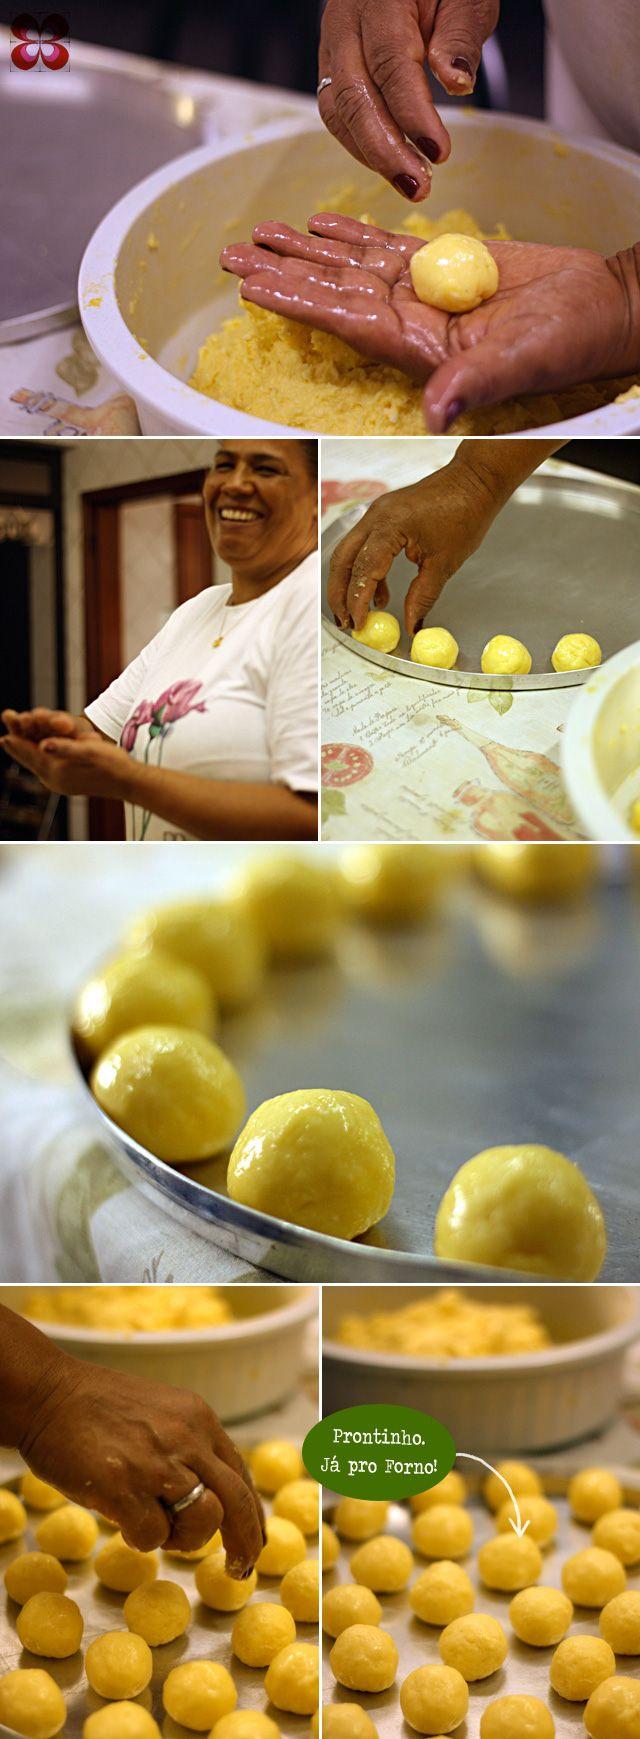 enrolar-pao-de-queijo-(leticia-massula-para-cozinha-da-matilde)